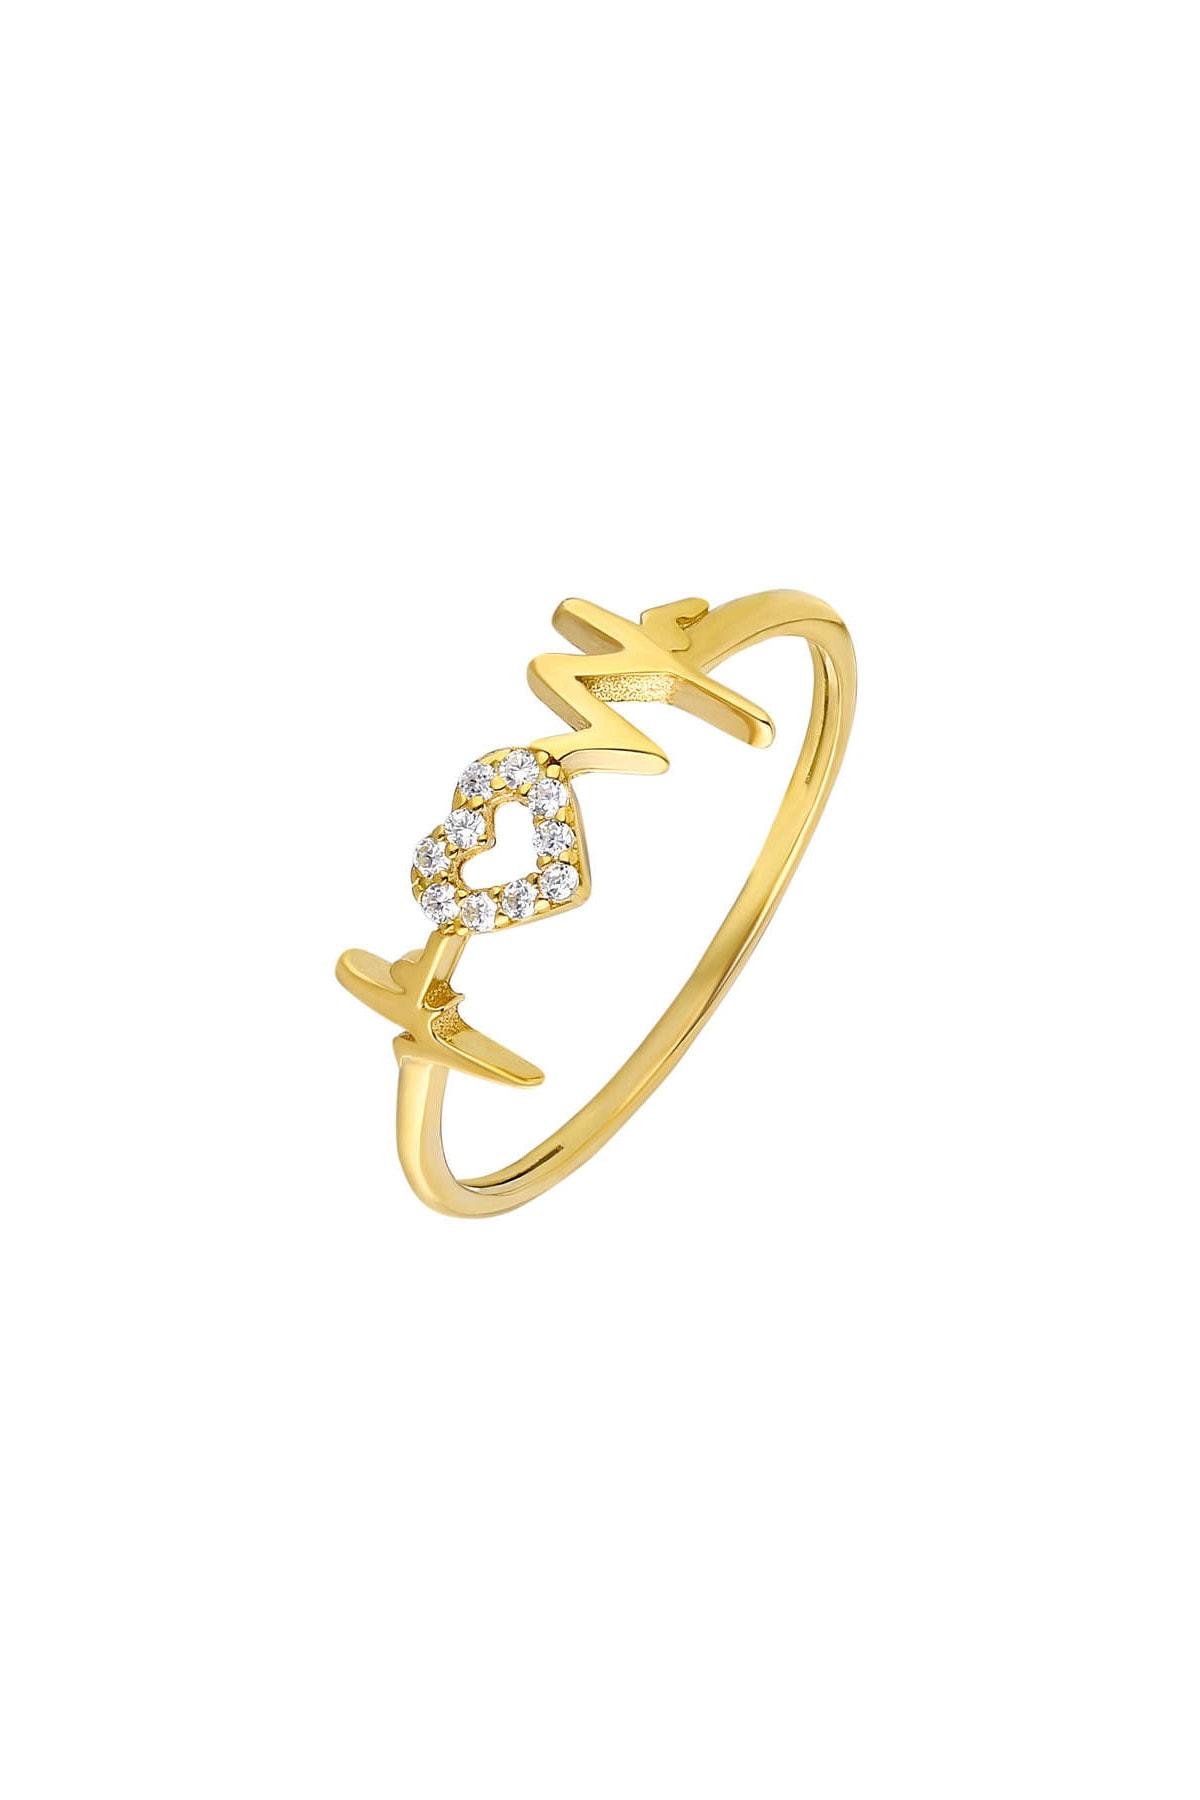 Tesbihane Zirkon Taşlı Kalp-Ritim Tasarım Gold Renk 925 Ayar Gümüş Bayan Yüzük 102001677 2